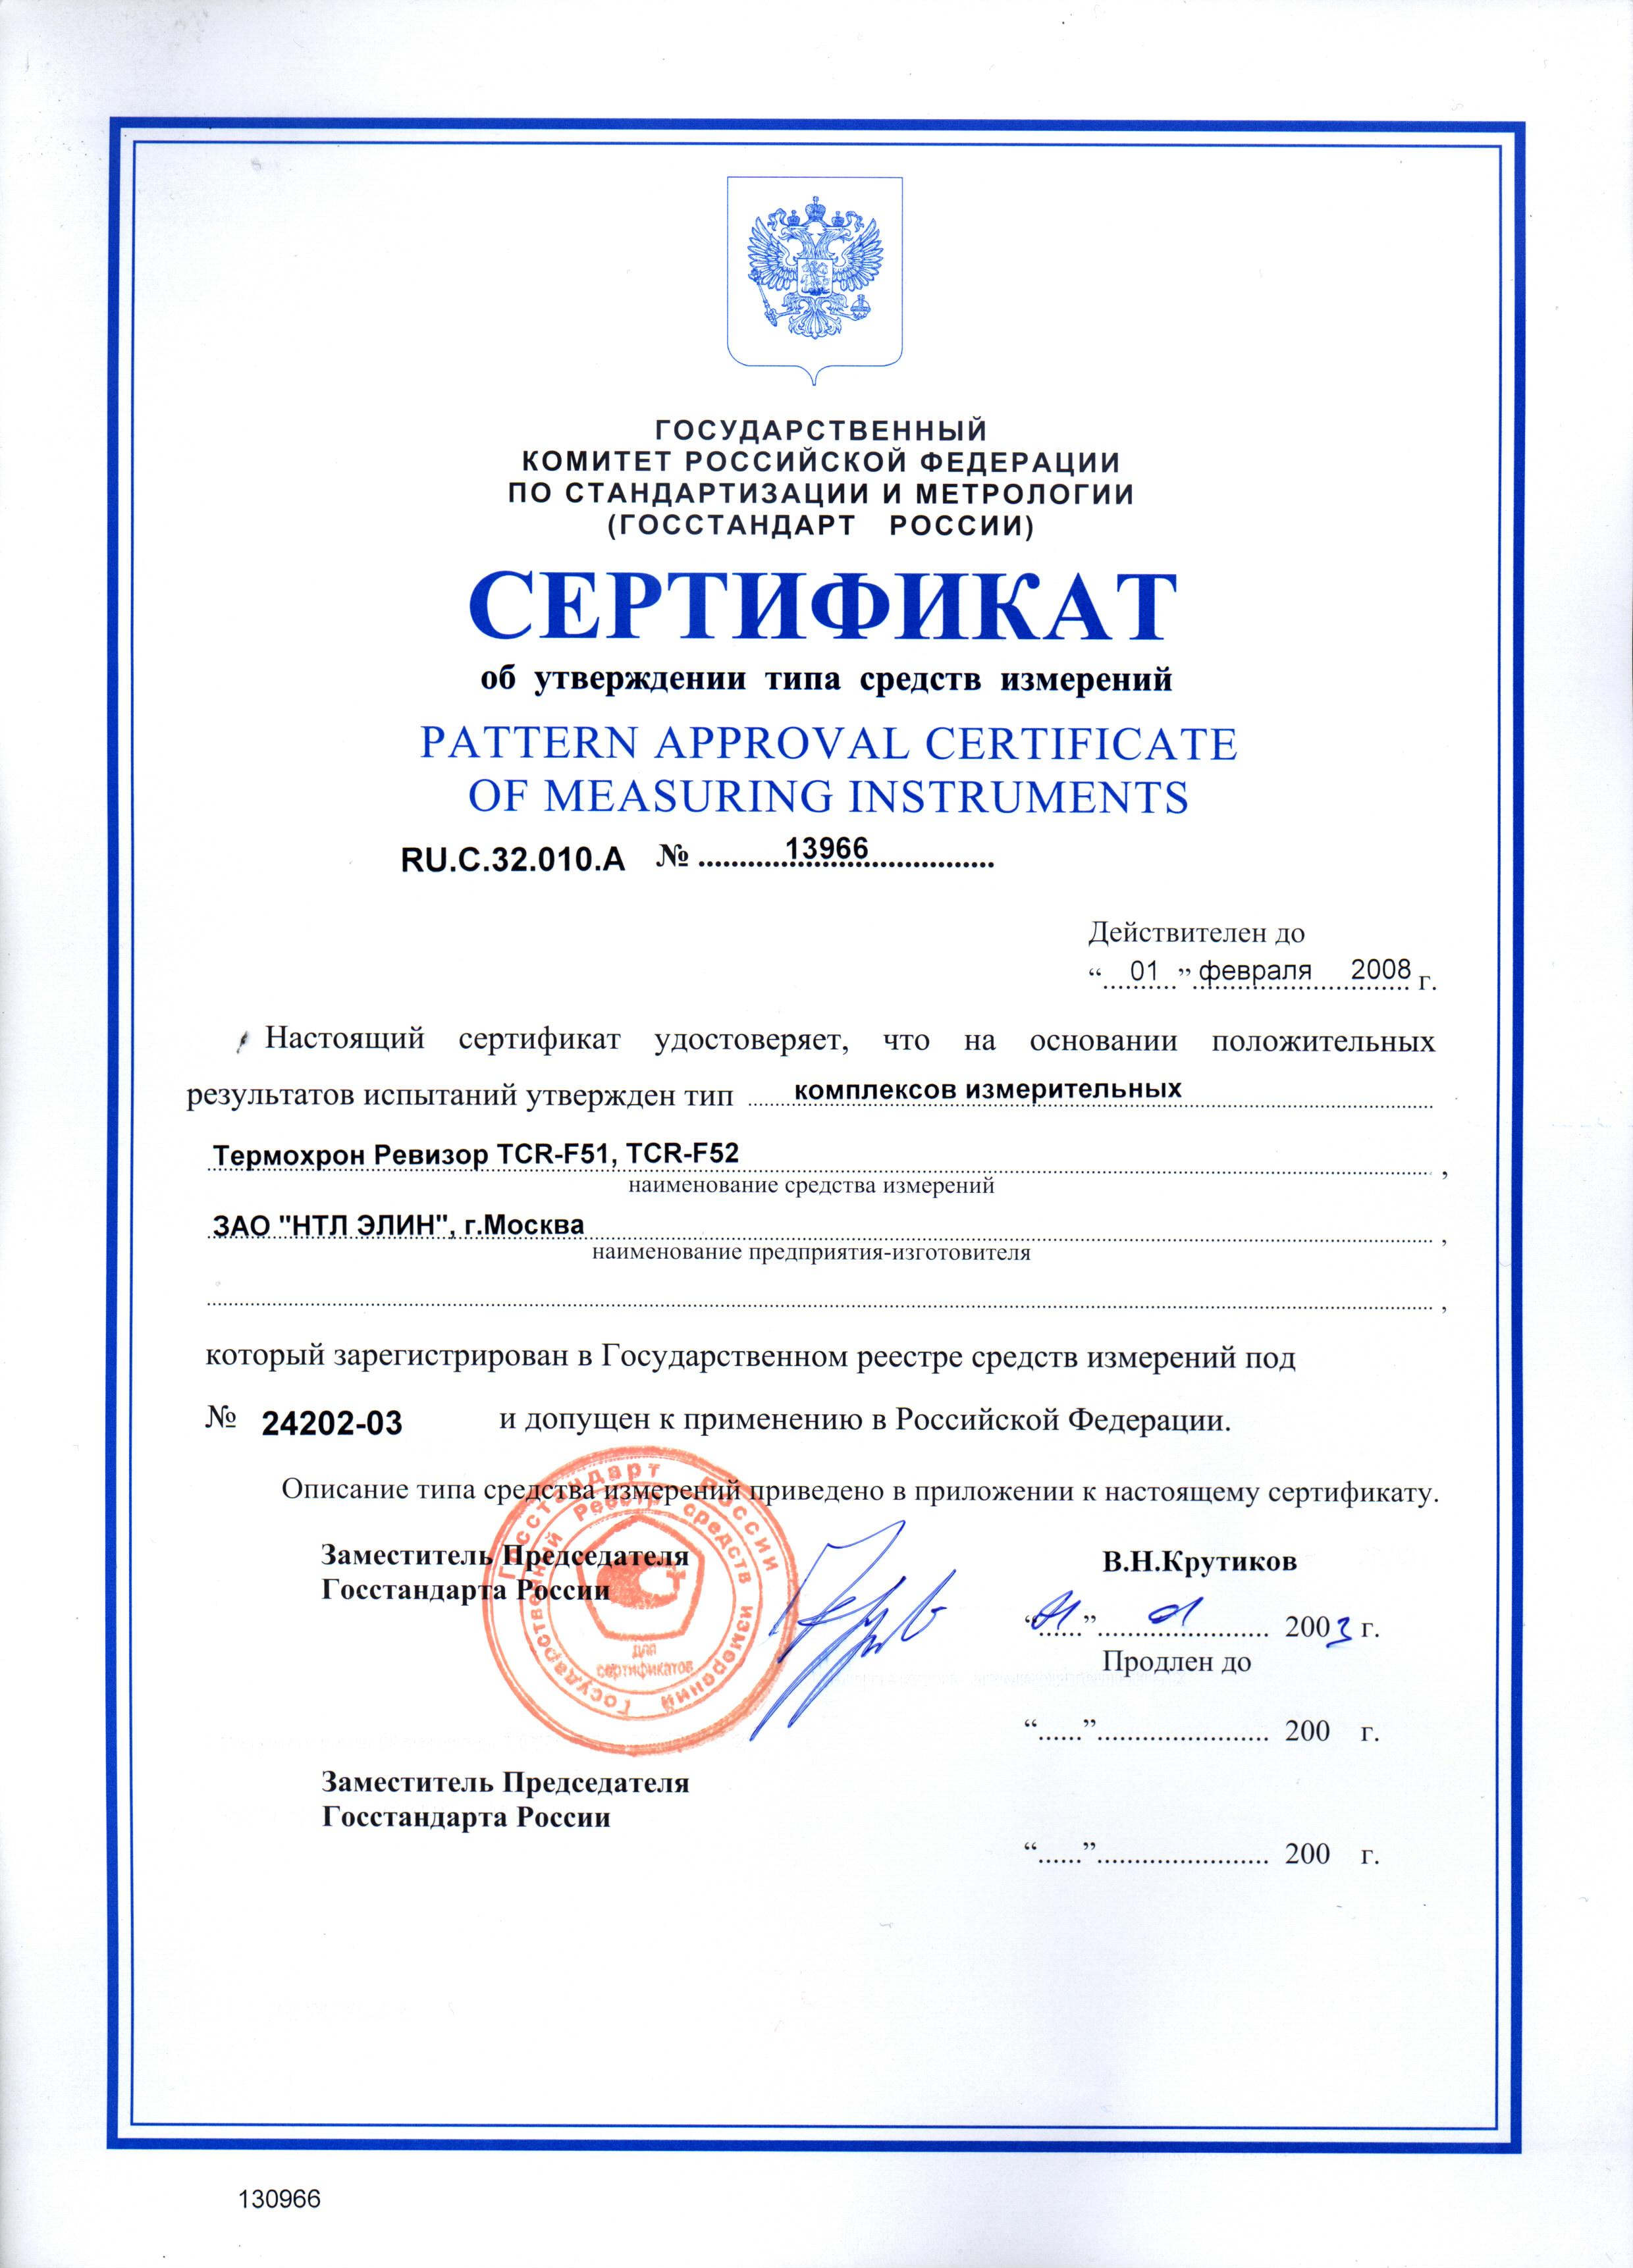 паспорт средства измерения образец